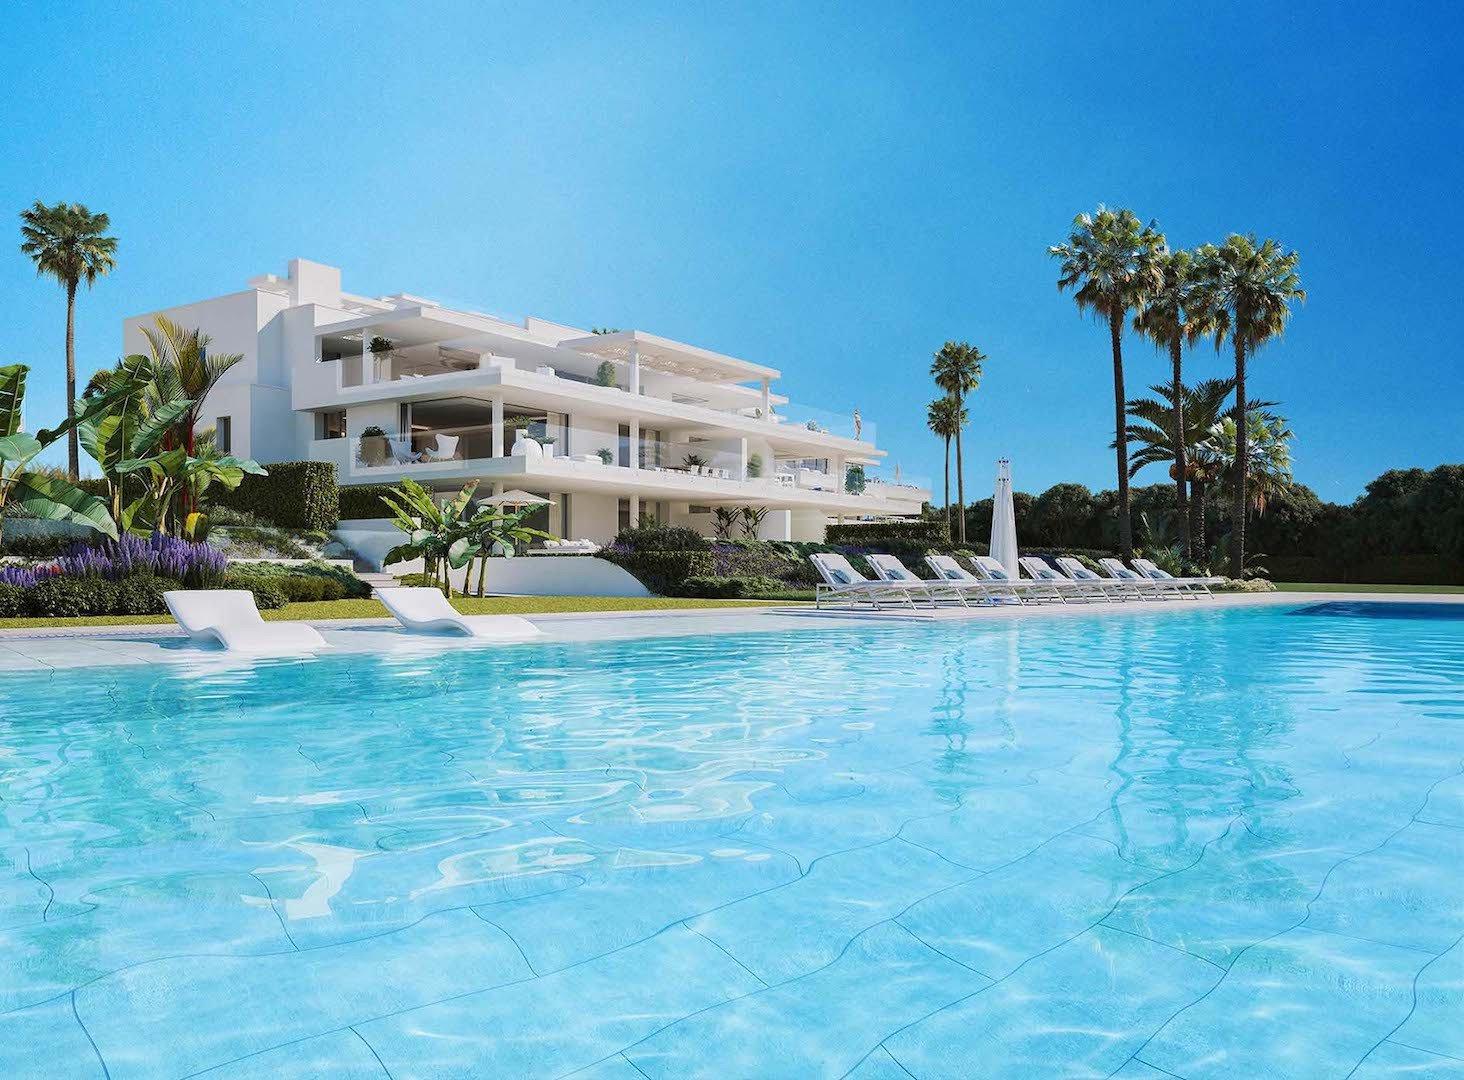 Nieuwbouwproject Estepona- Marbella